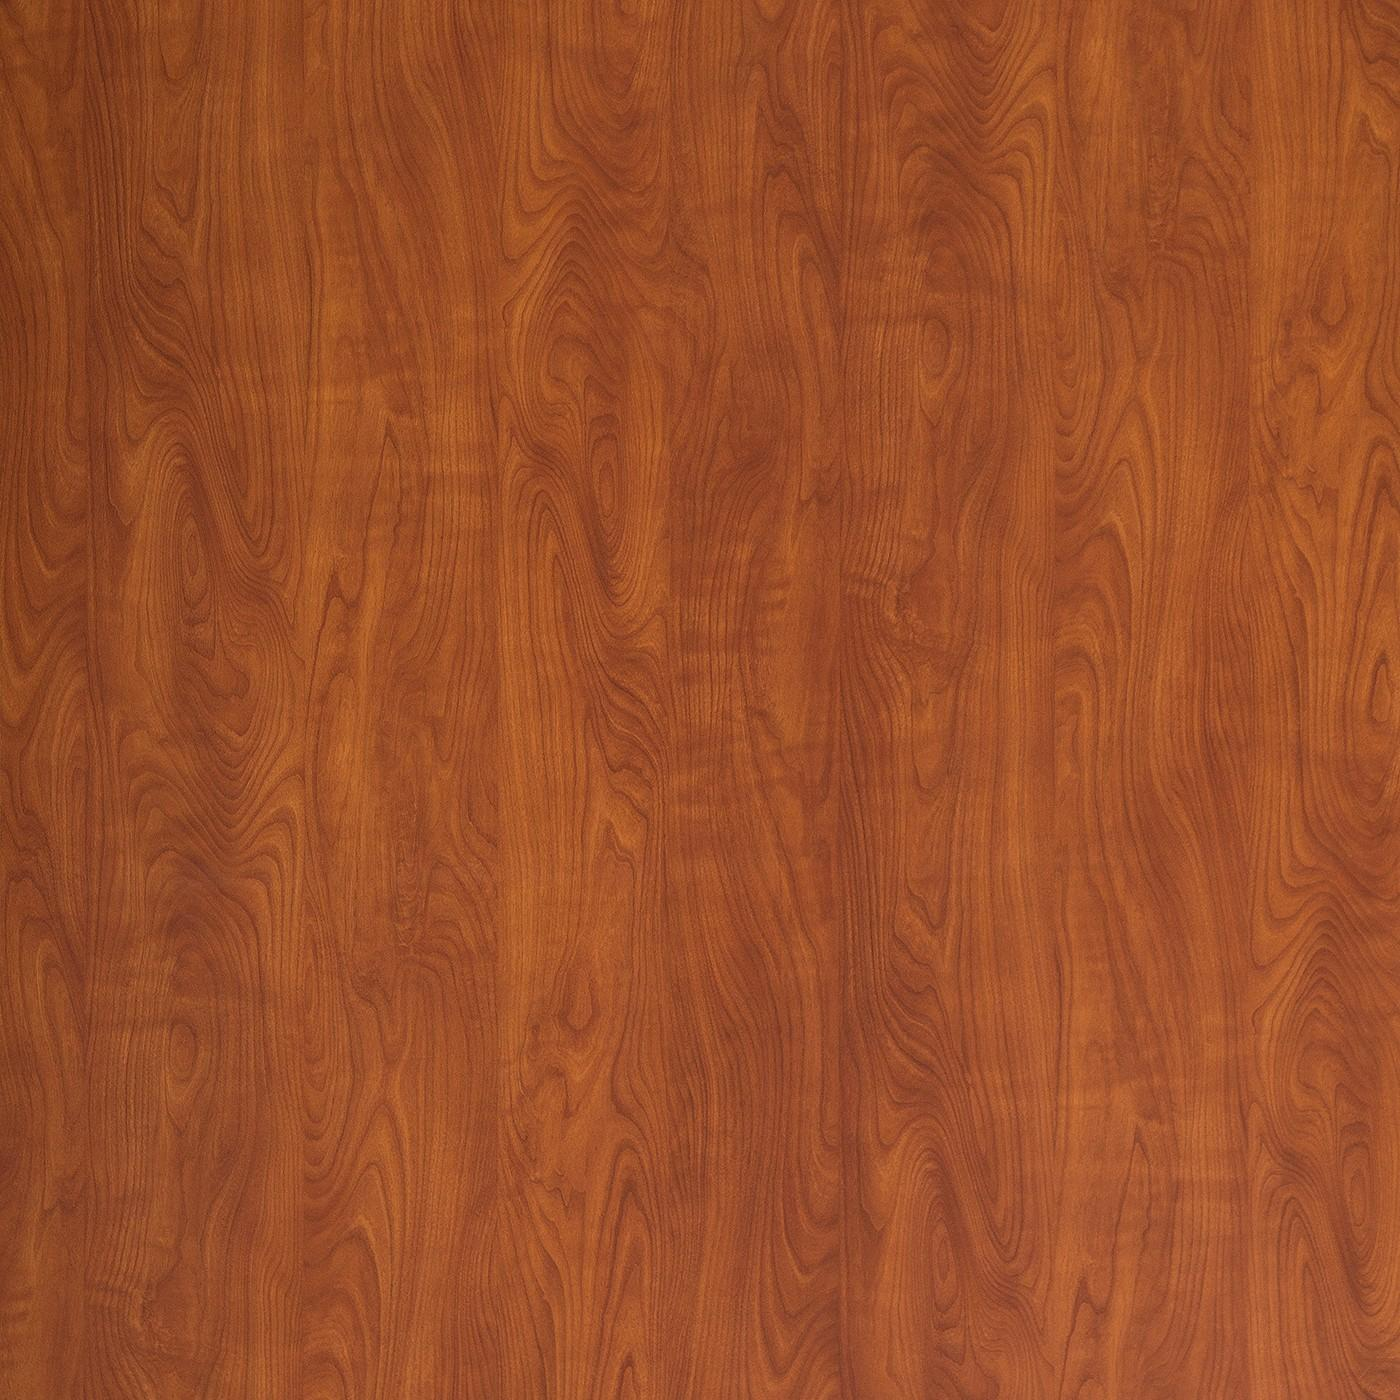 Laminate Wild Cherry 7054, Wilsonart Laminate Wood Flooring